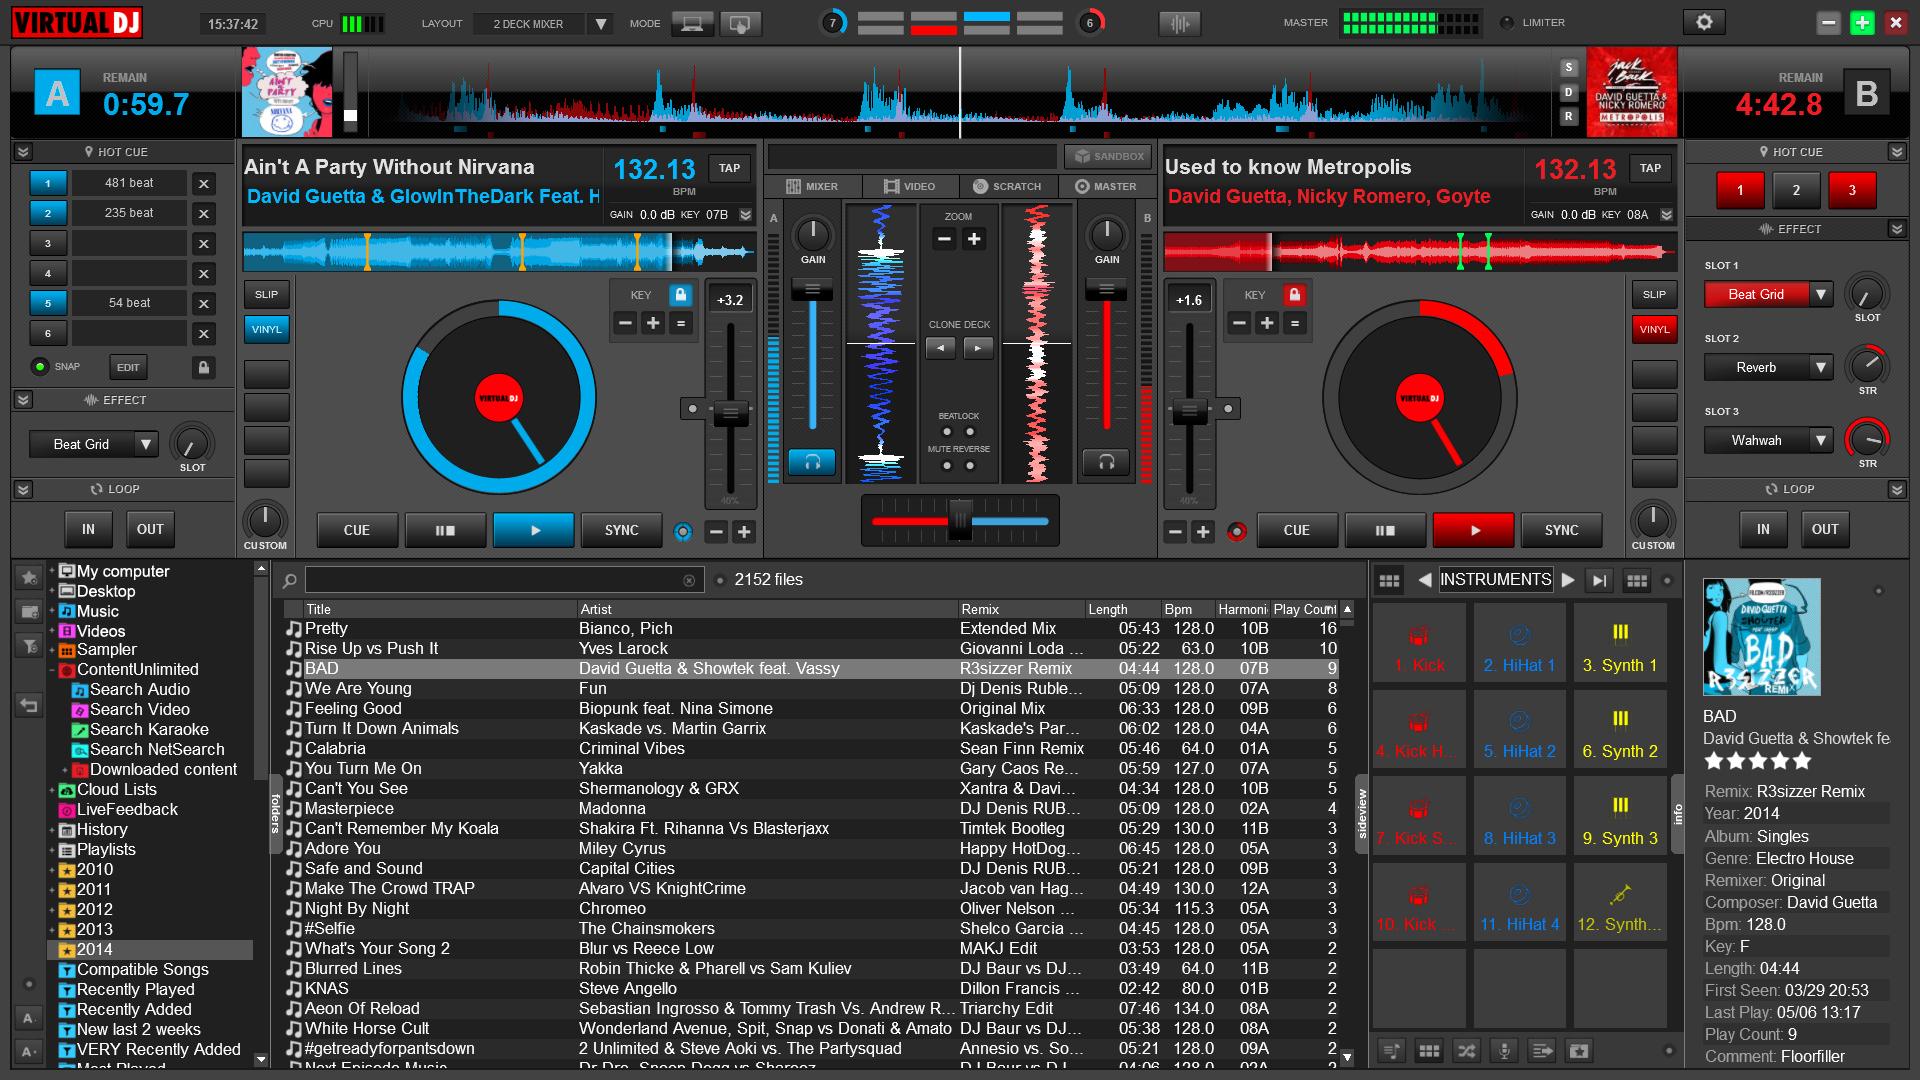 virtual dj 7 full crack download